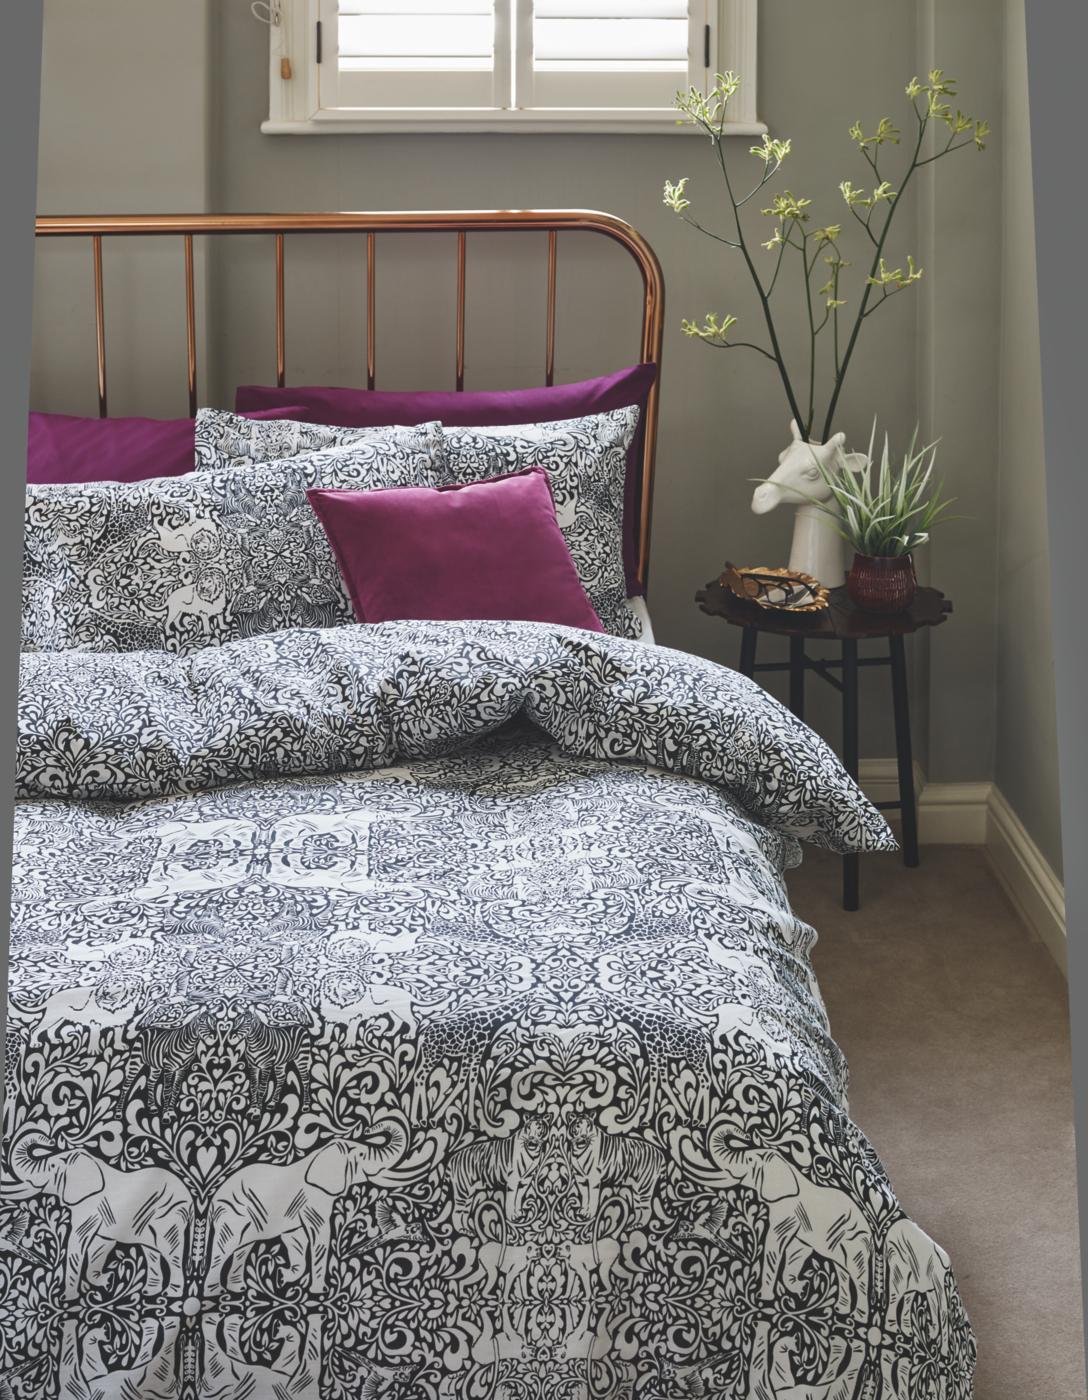 White Duvet Covers Bedding Home & Garden